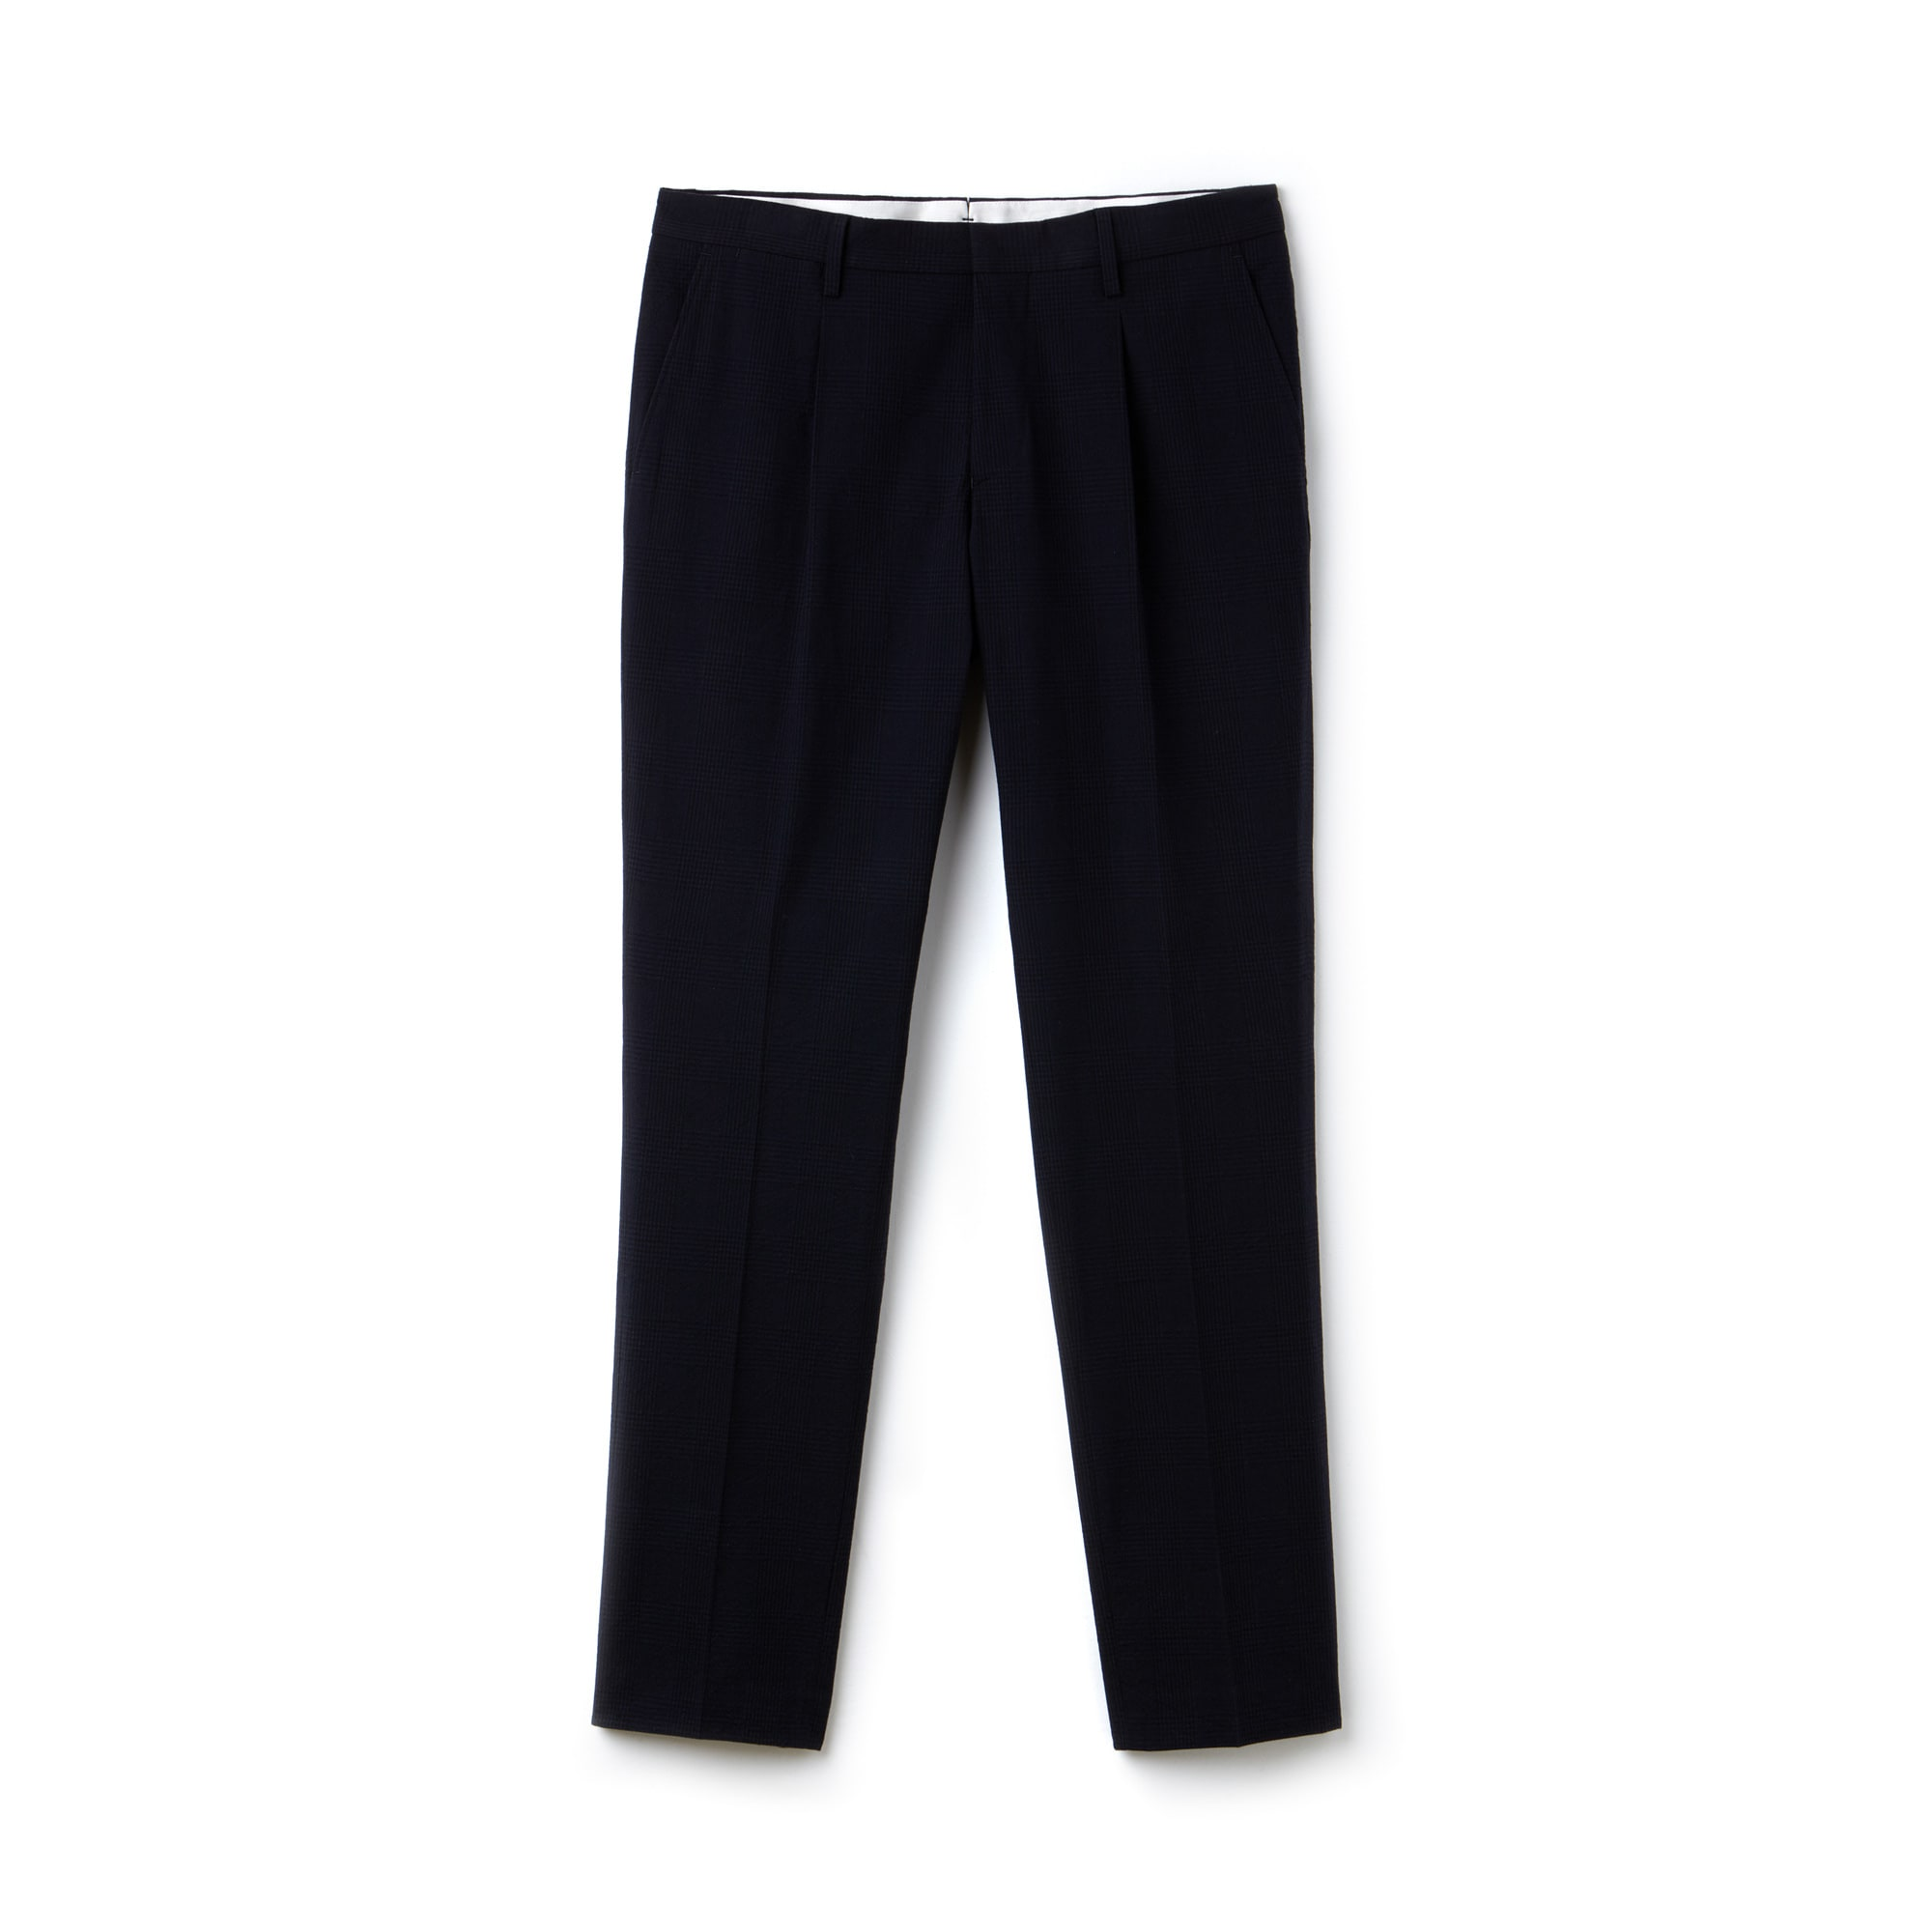 Men's Slim Fit Seersucker Pleated Pants